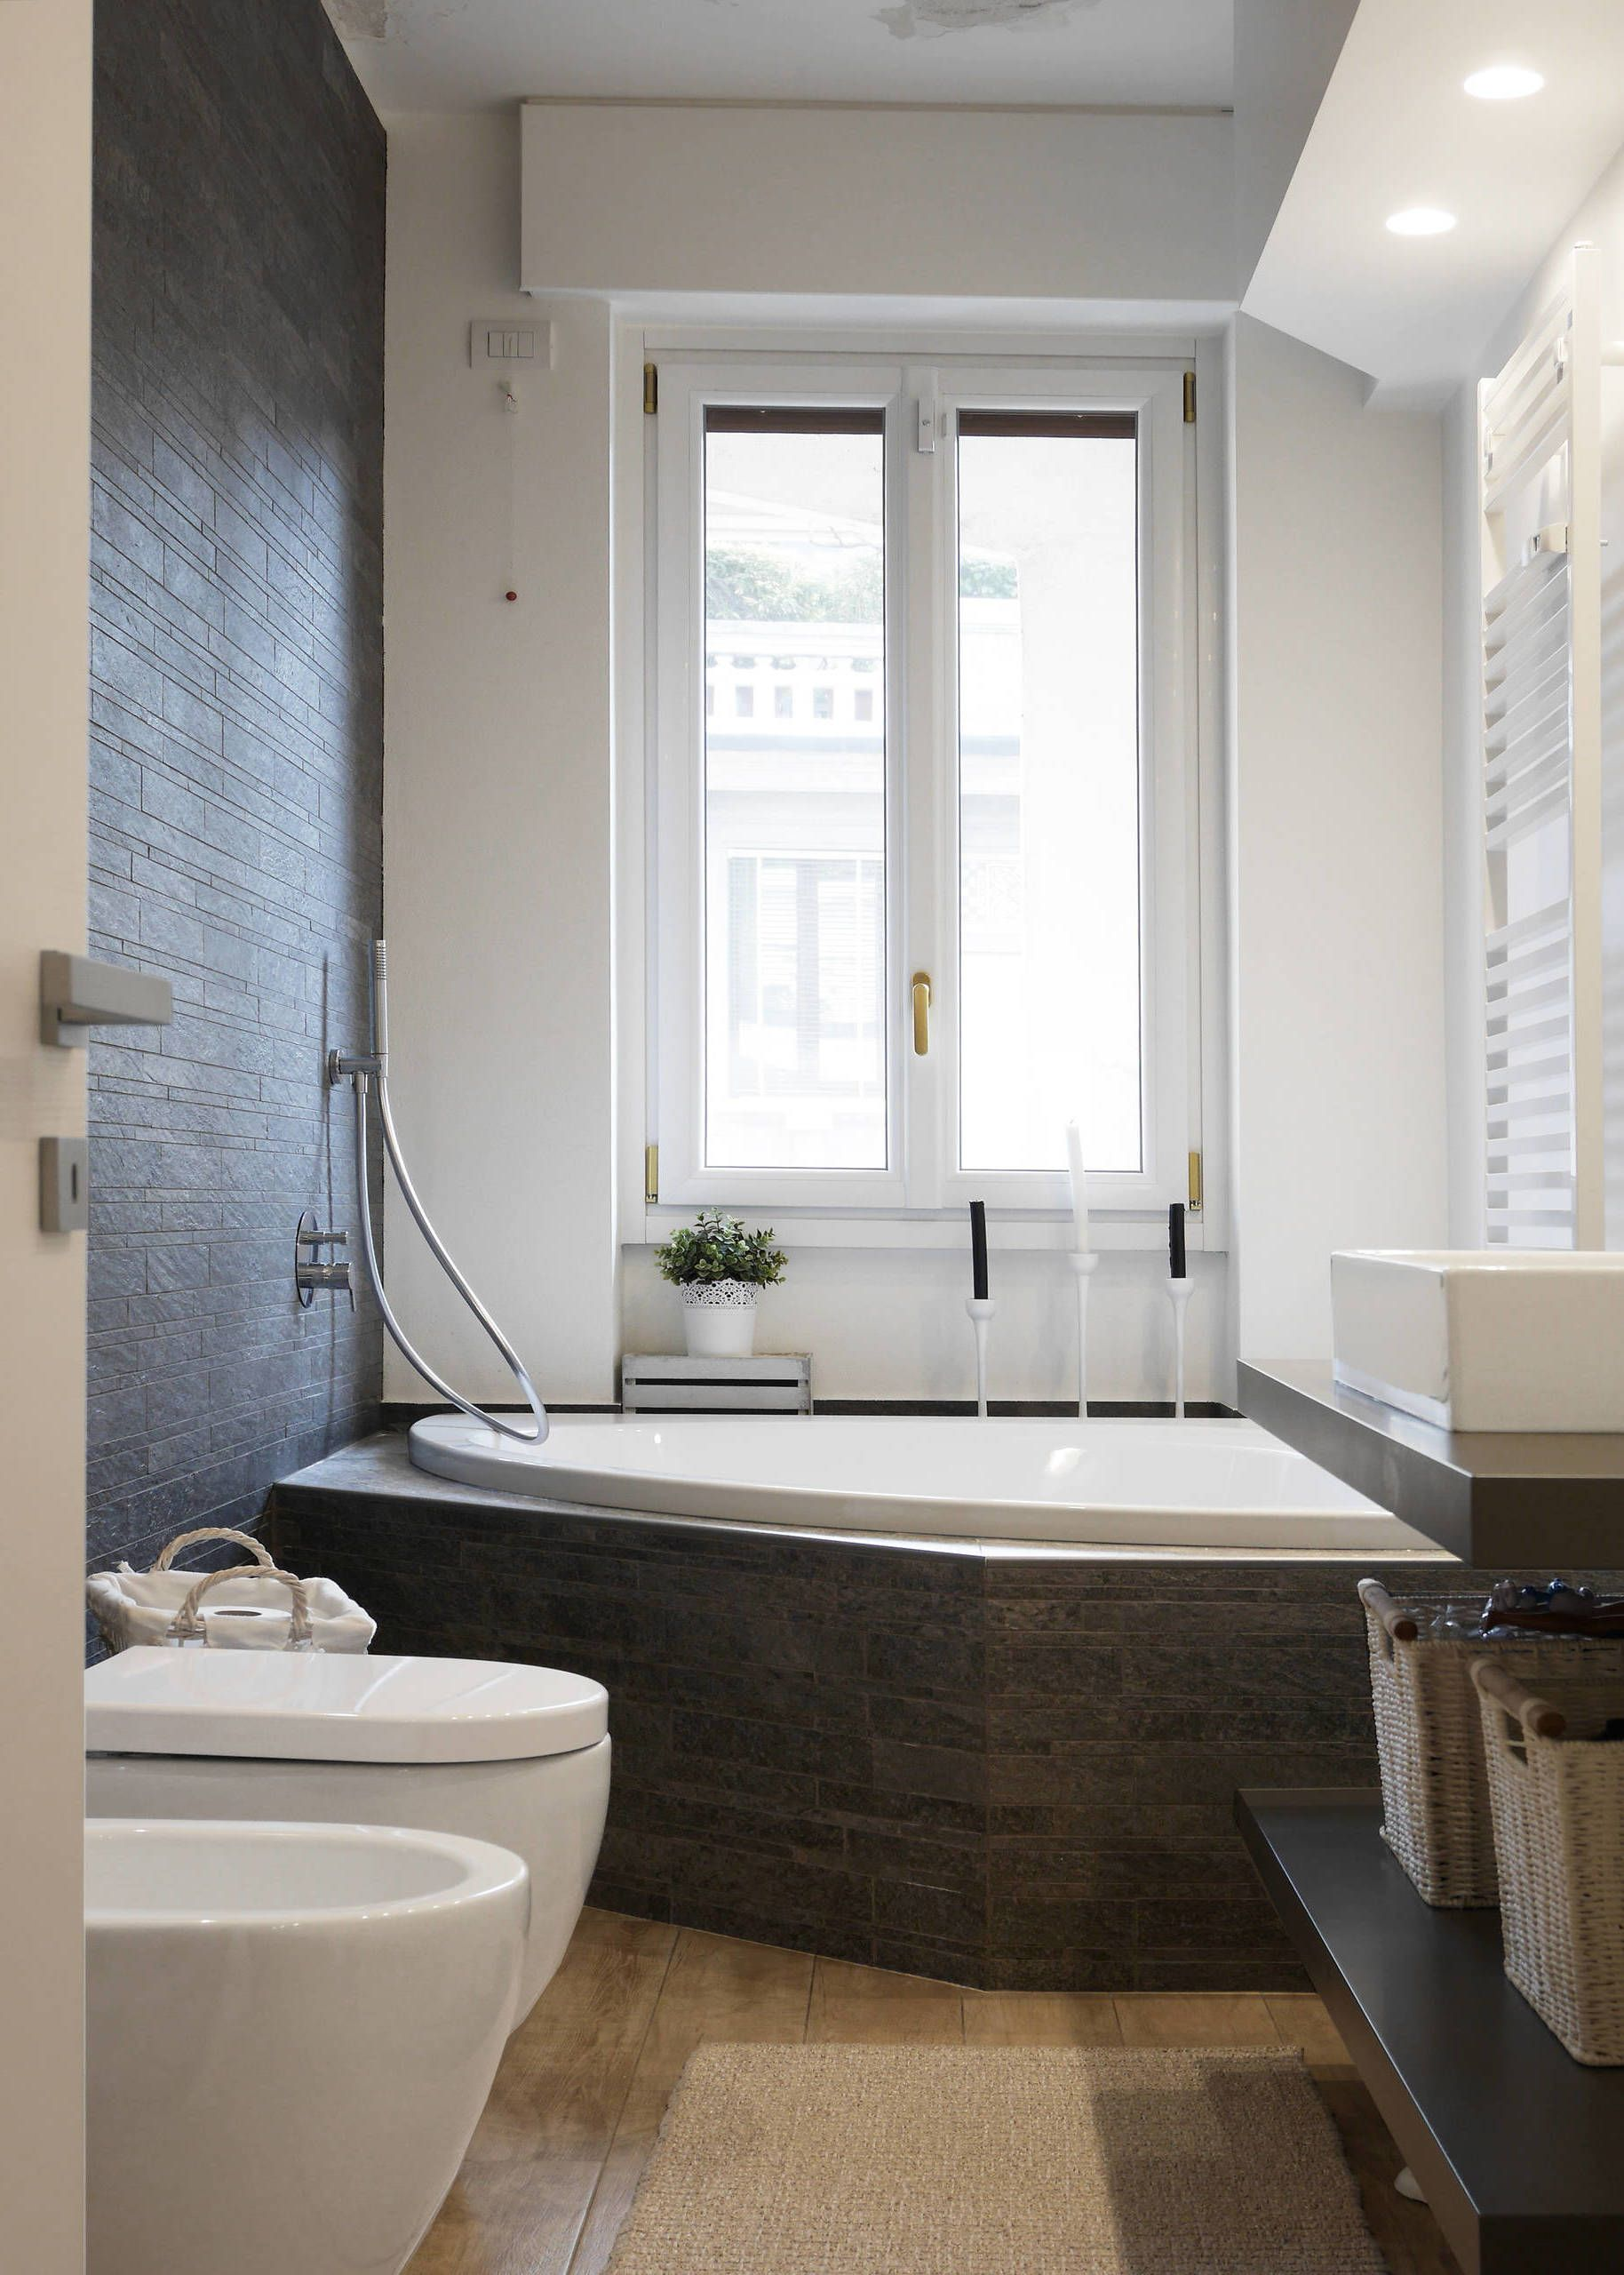 Badewanne mit Dusche Die Lösung für kleine Bäder